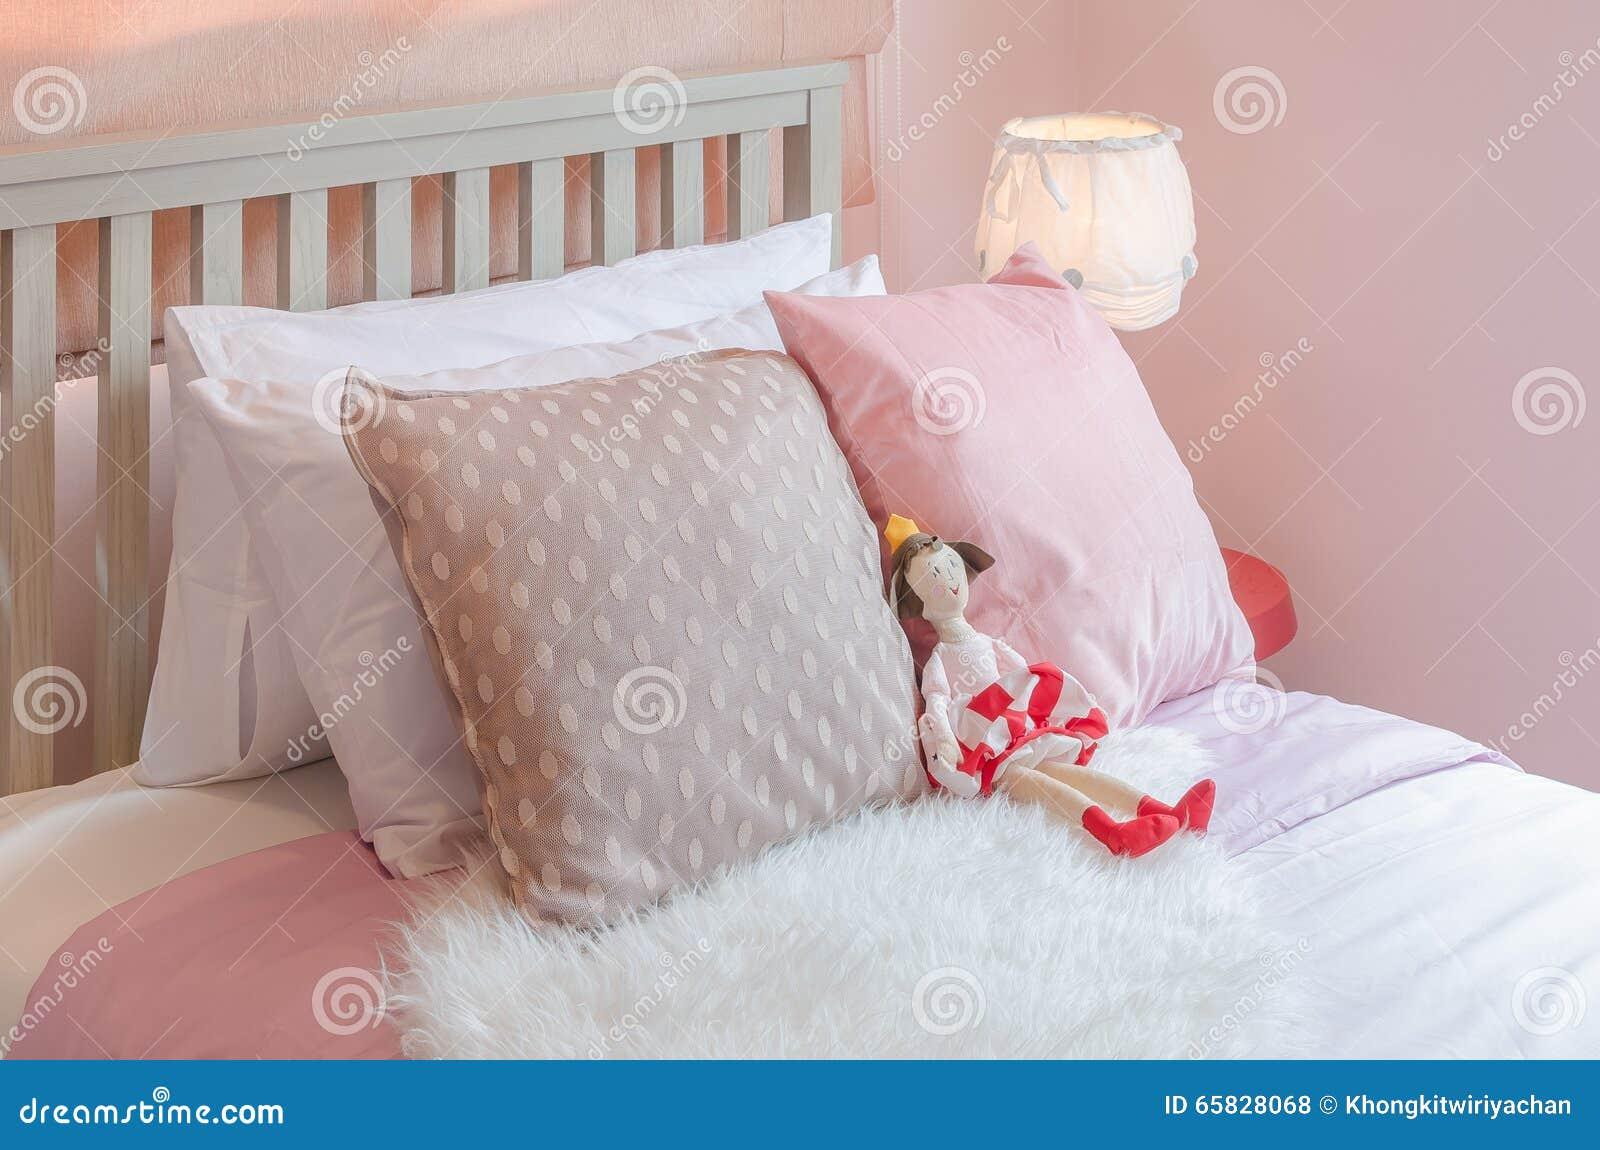 Stanza Da Letto Rosa : La camera da letto della ragazza nel tono rosa di colore con la